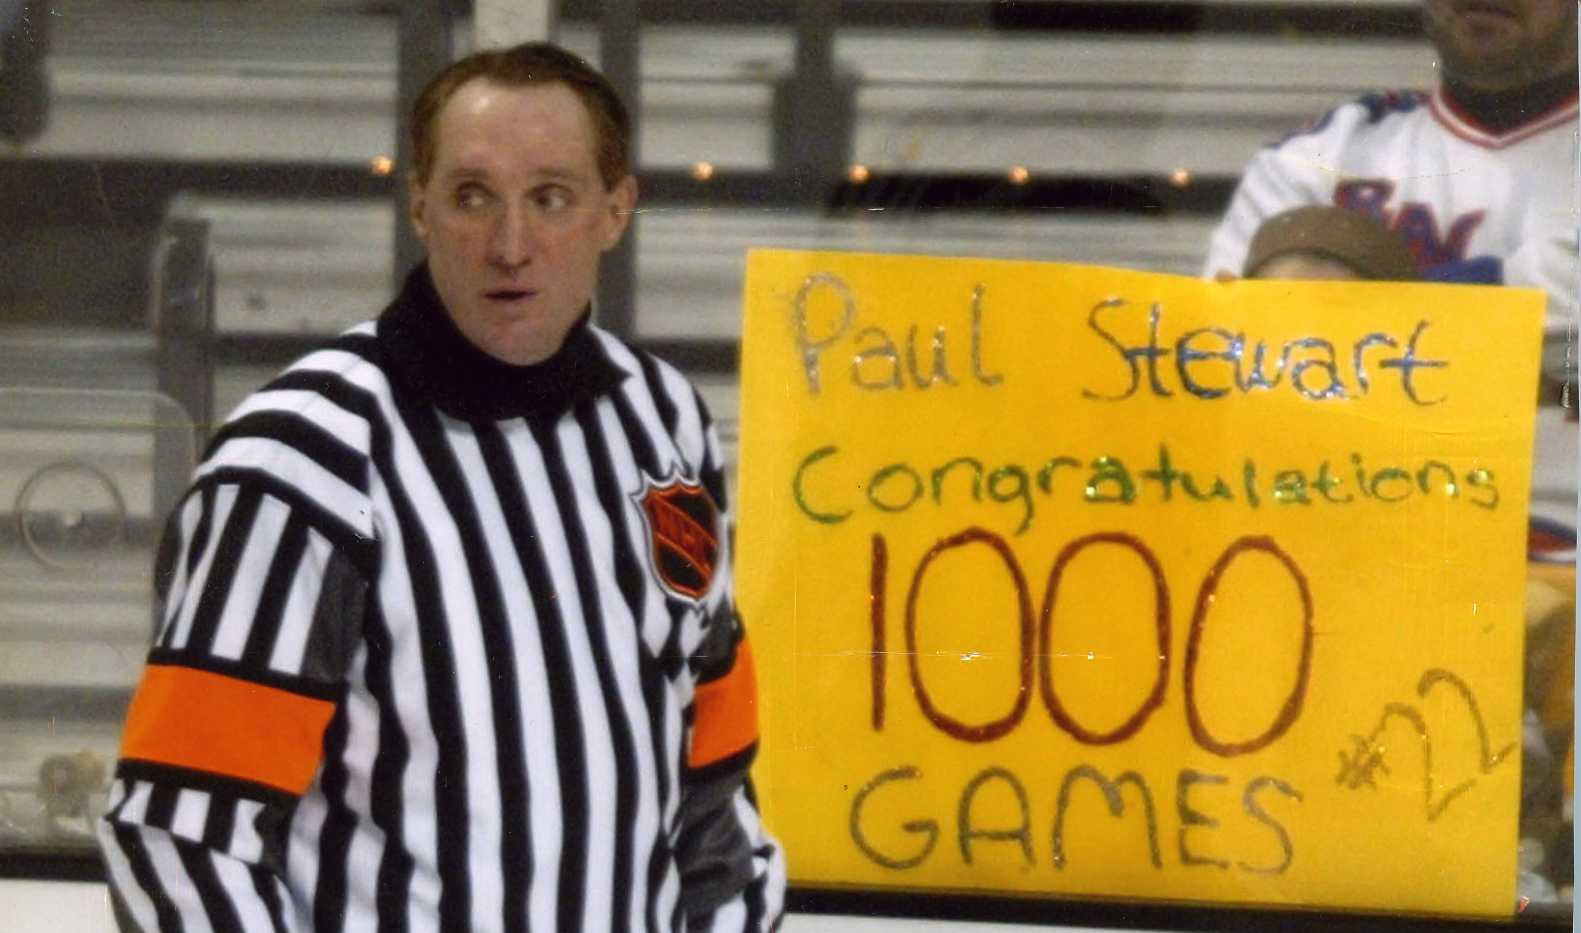 Paul Stewart 1000 games016.jpg